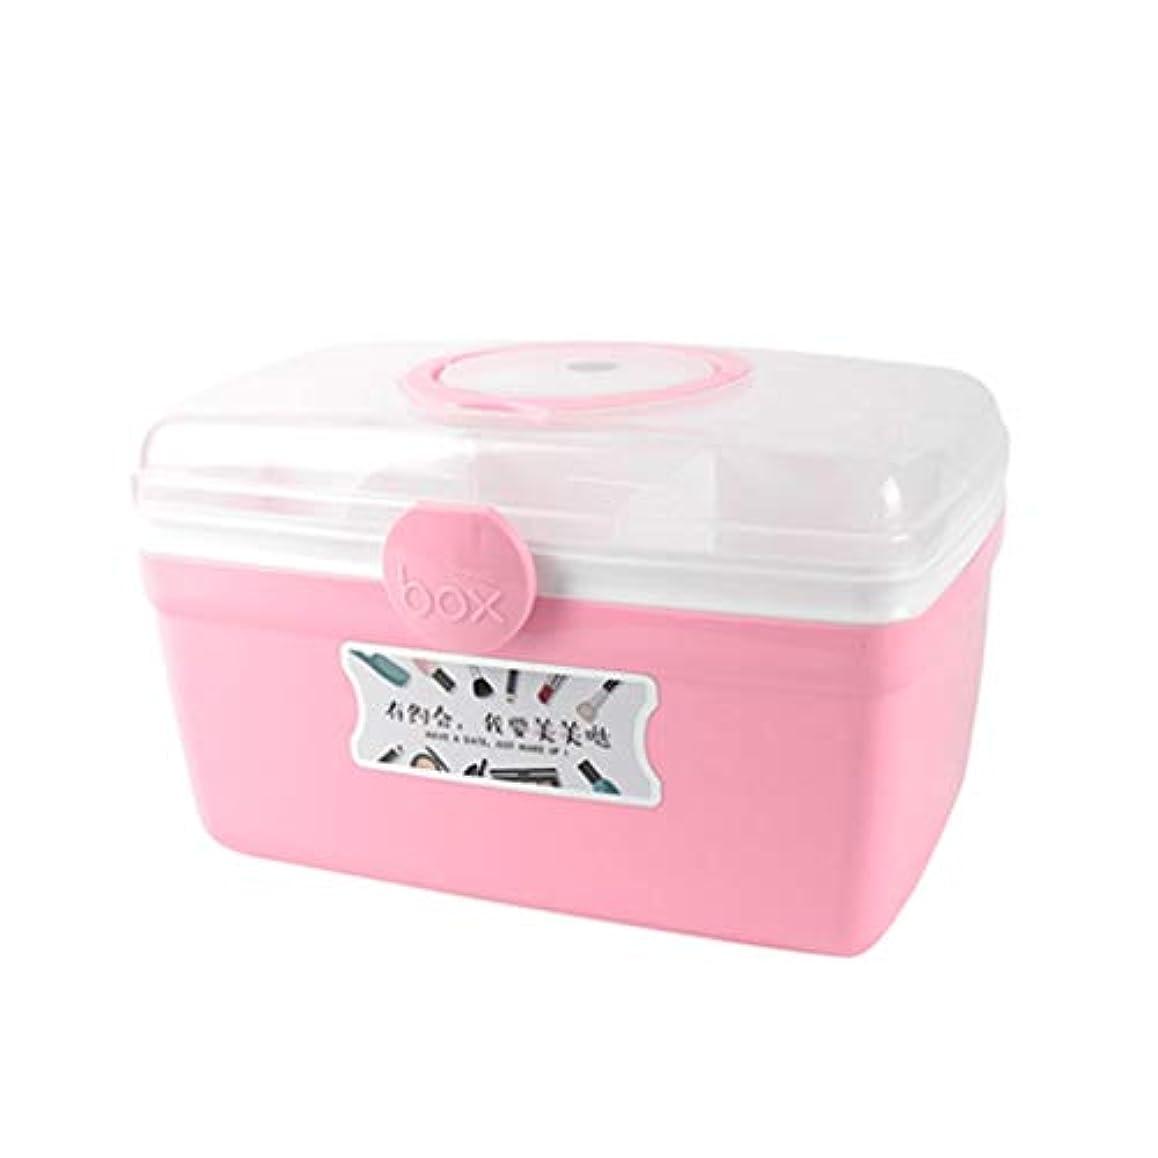 イーウェル望ましい傾向IUYWL ミニ携帯薬仕分けボックス、小薬ボックス、家庭用多機能収納ボックス (Color : Pink, Size : 27.5cm×17.5cm)